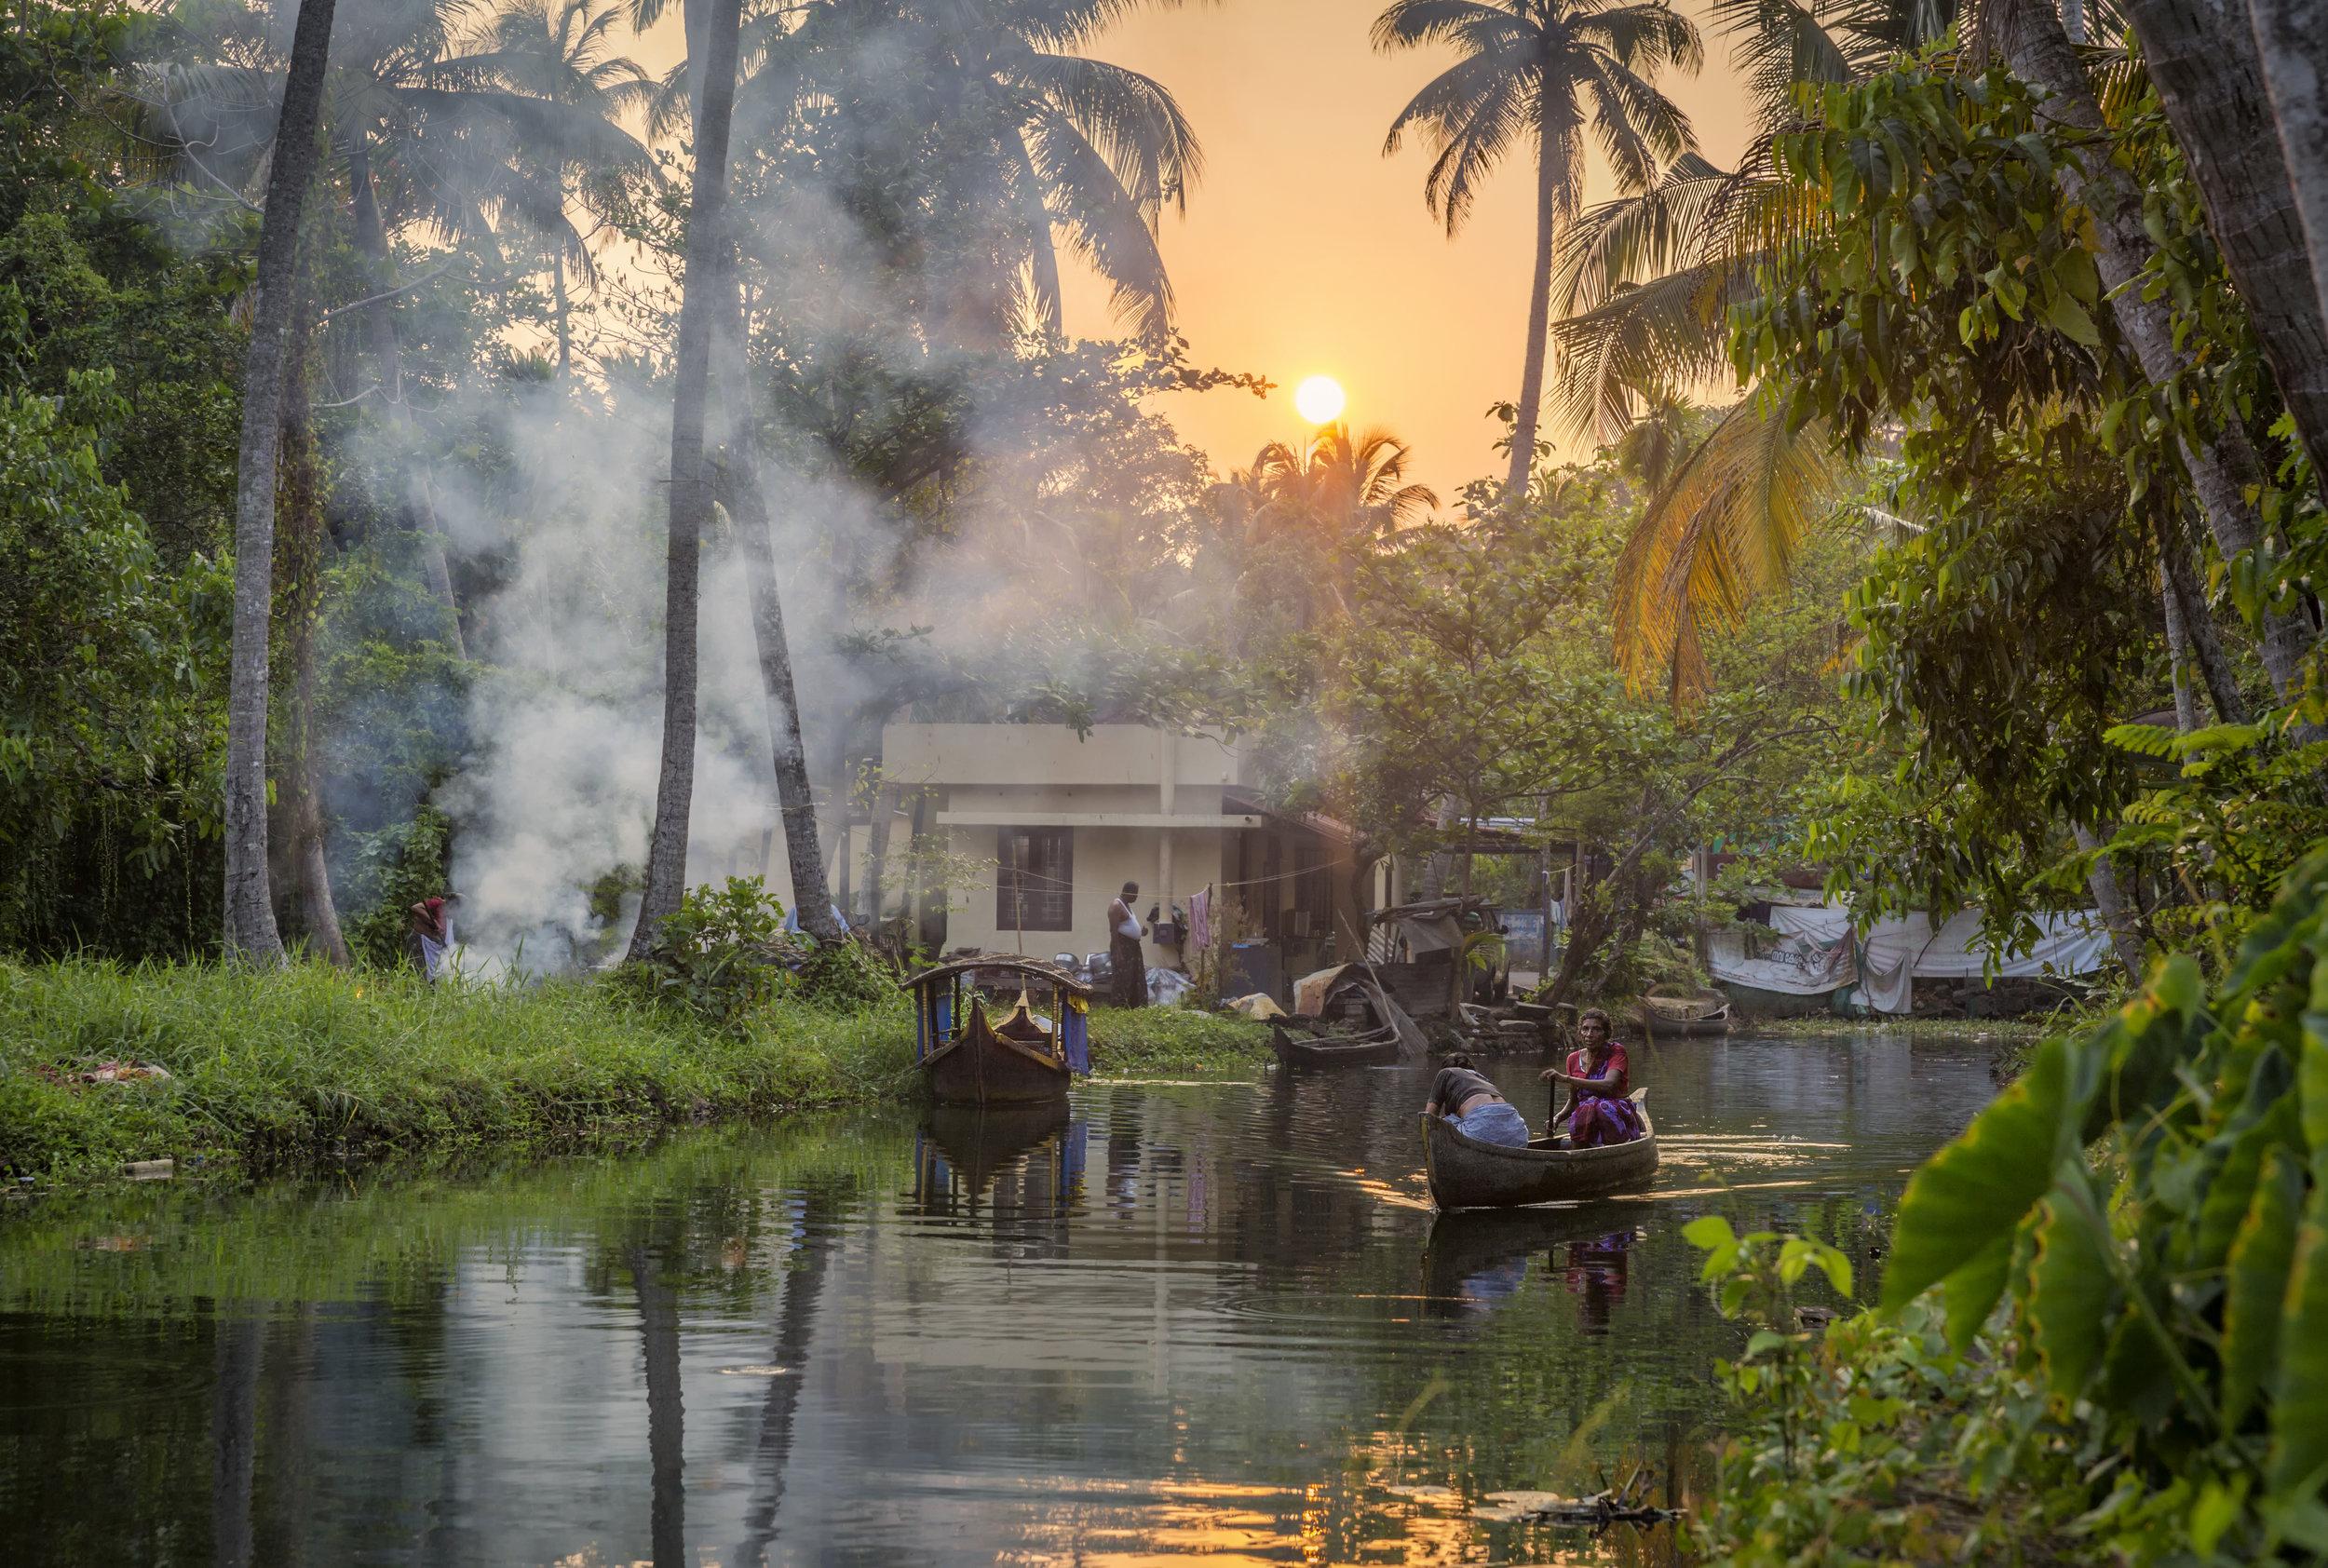 Kerela, India